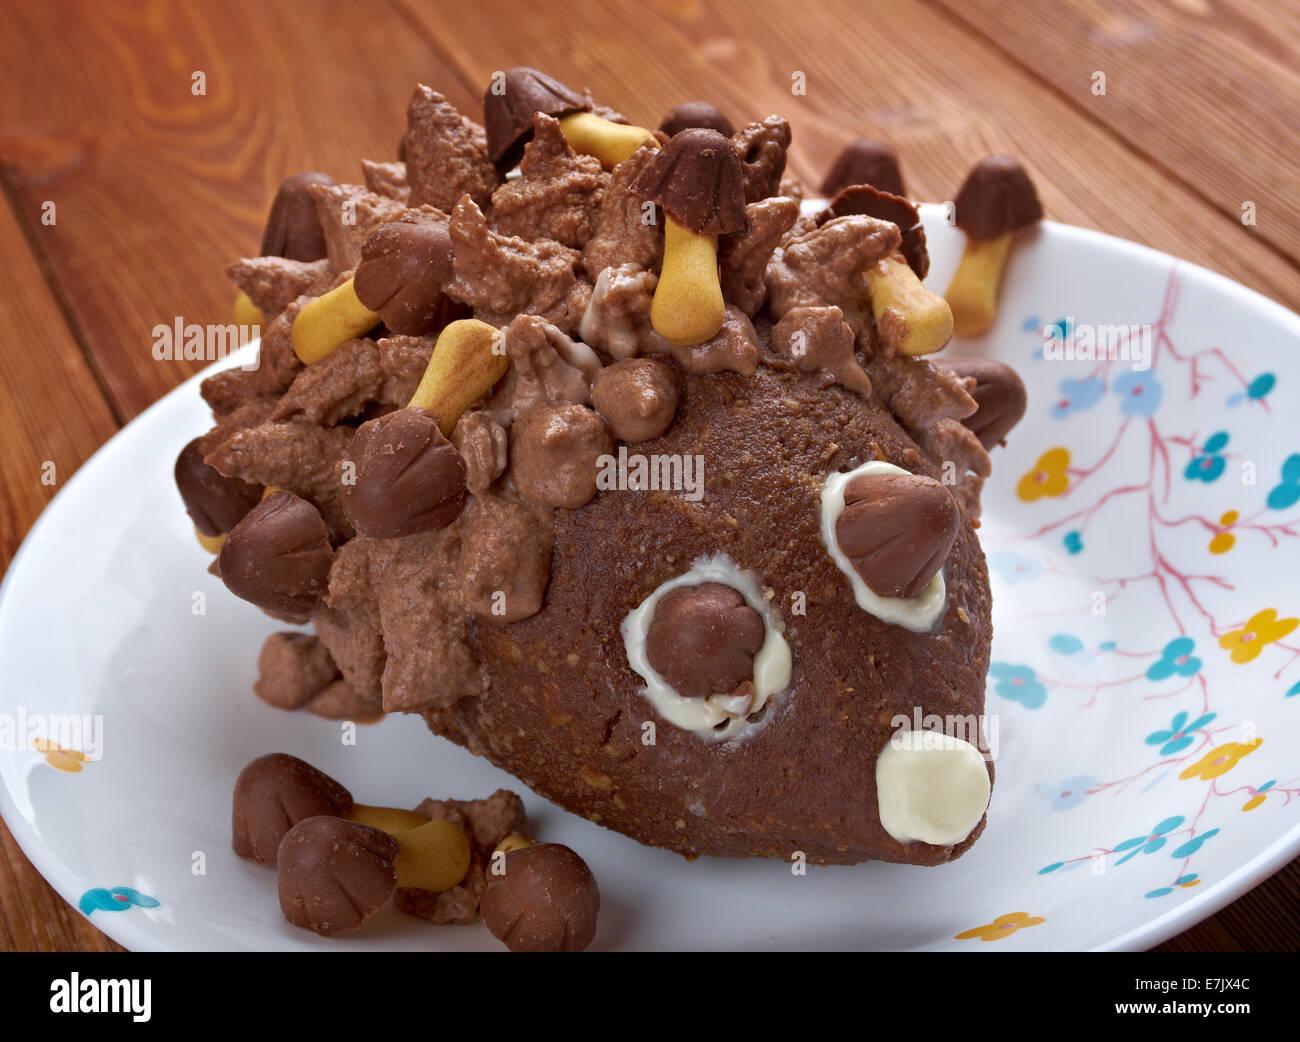 Kinder Schokolade Kuchen Hedgehog Kids Essen Stockfoto Bild